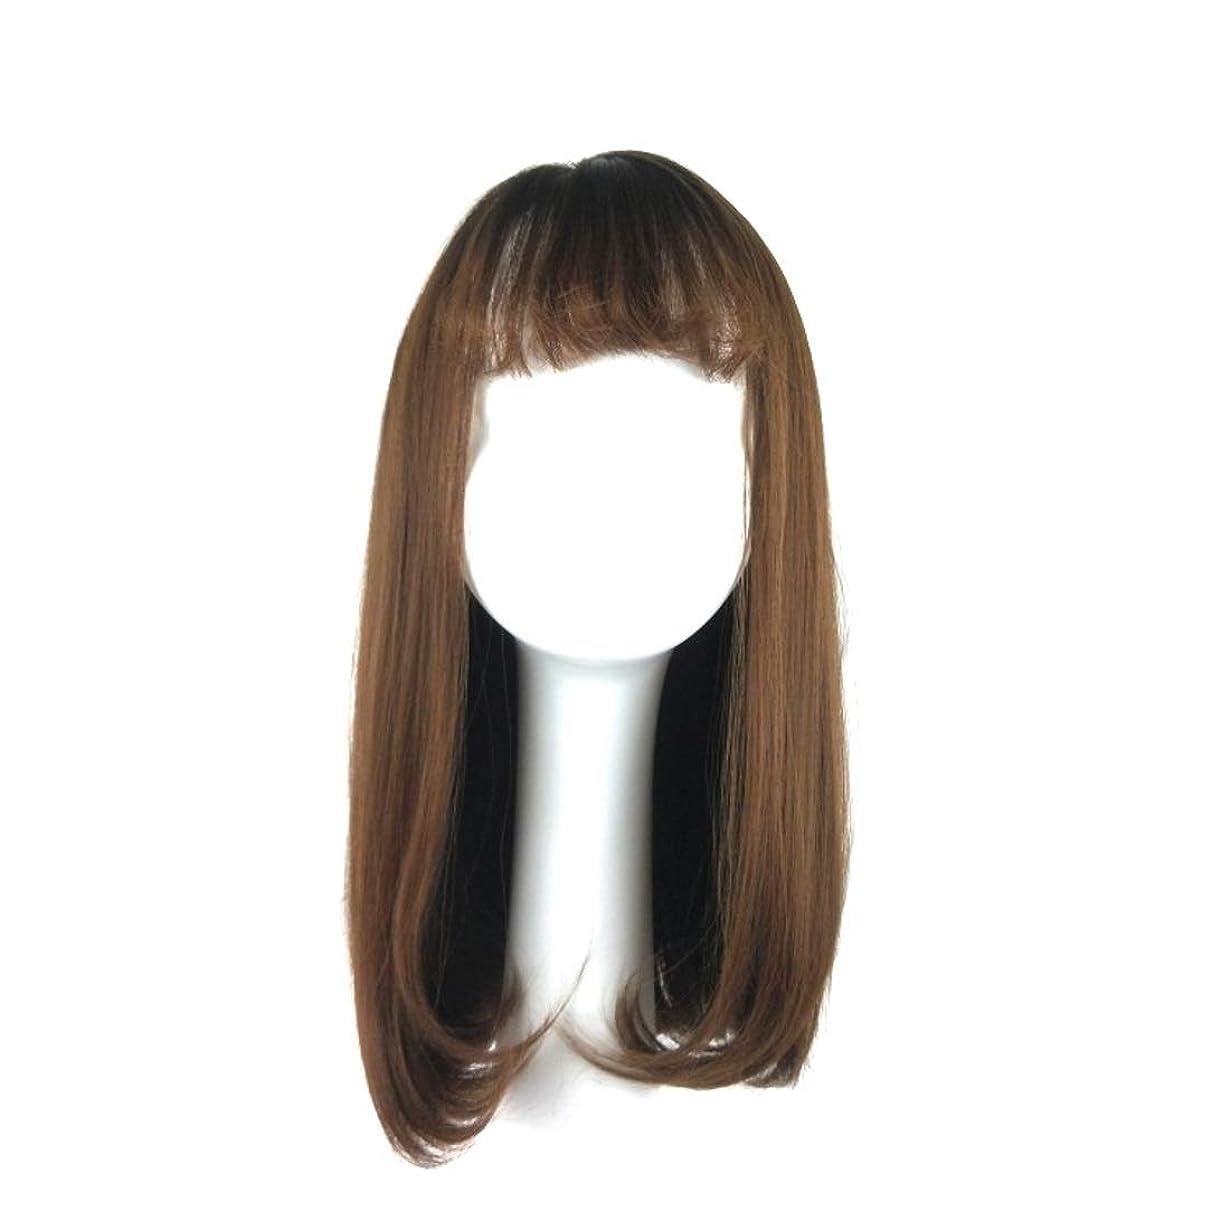 抹消組適格Summerys 女性のための合成かつら自然に見える長い波状別れ耐熱交換かつら